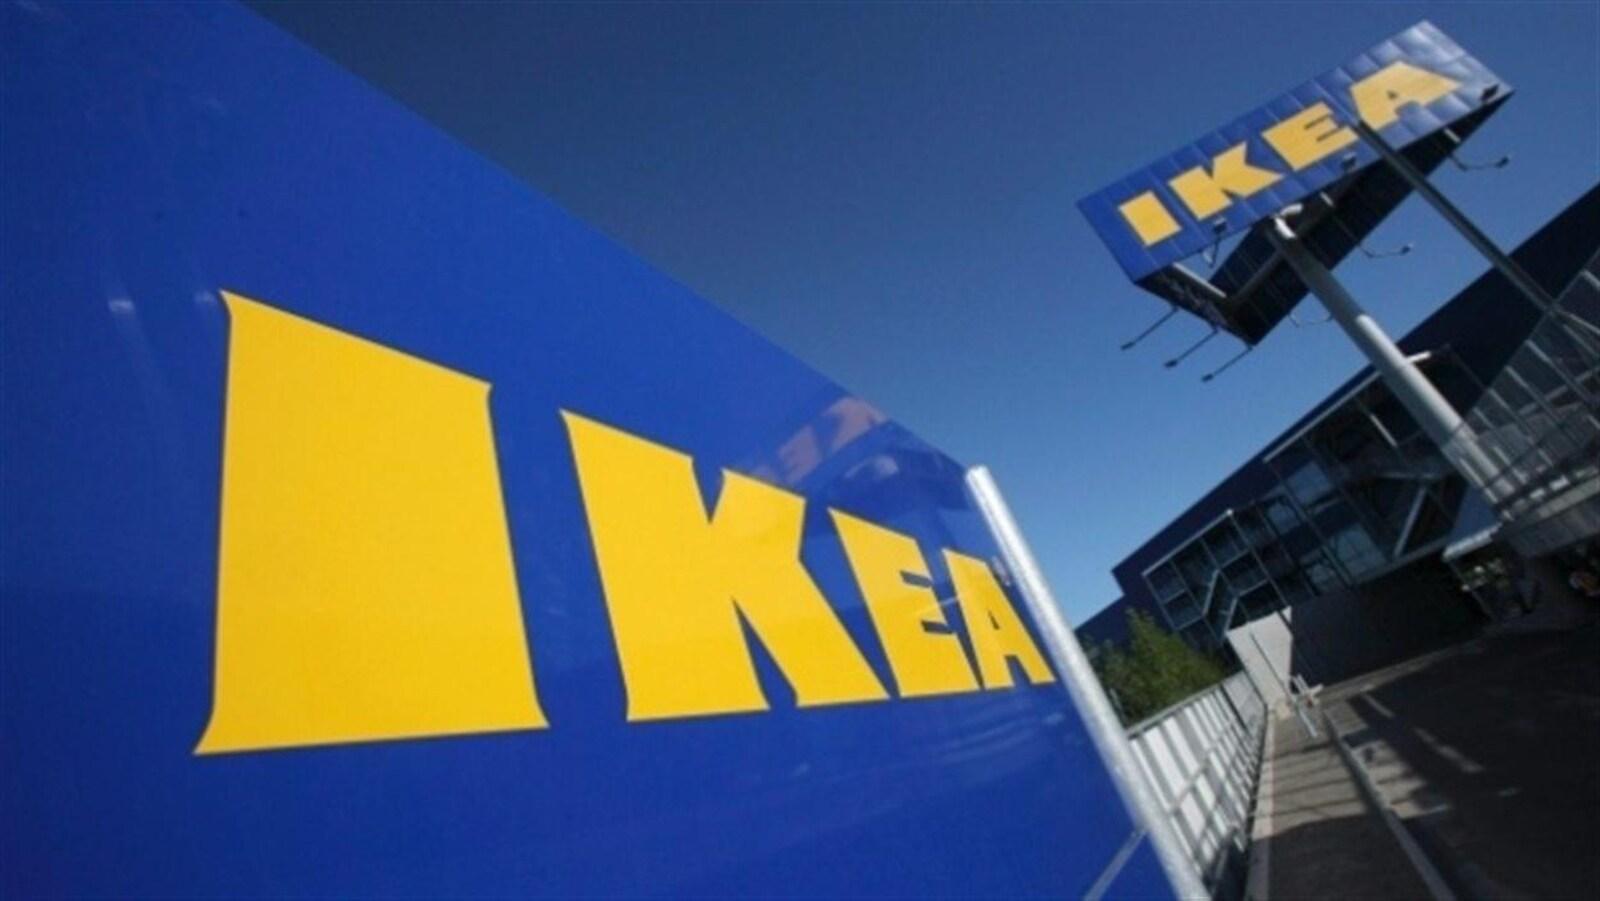 Le signe IKEA.